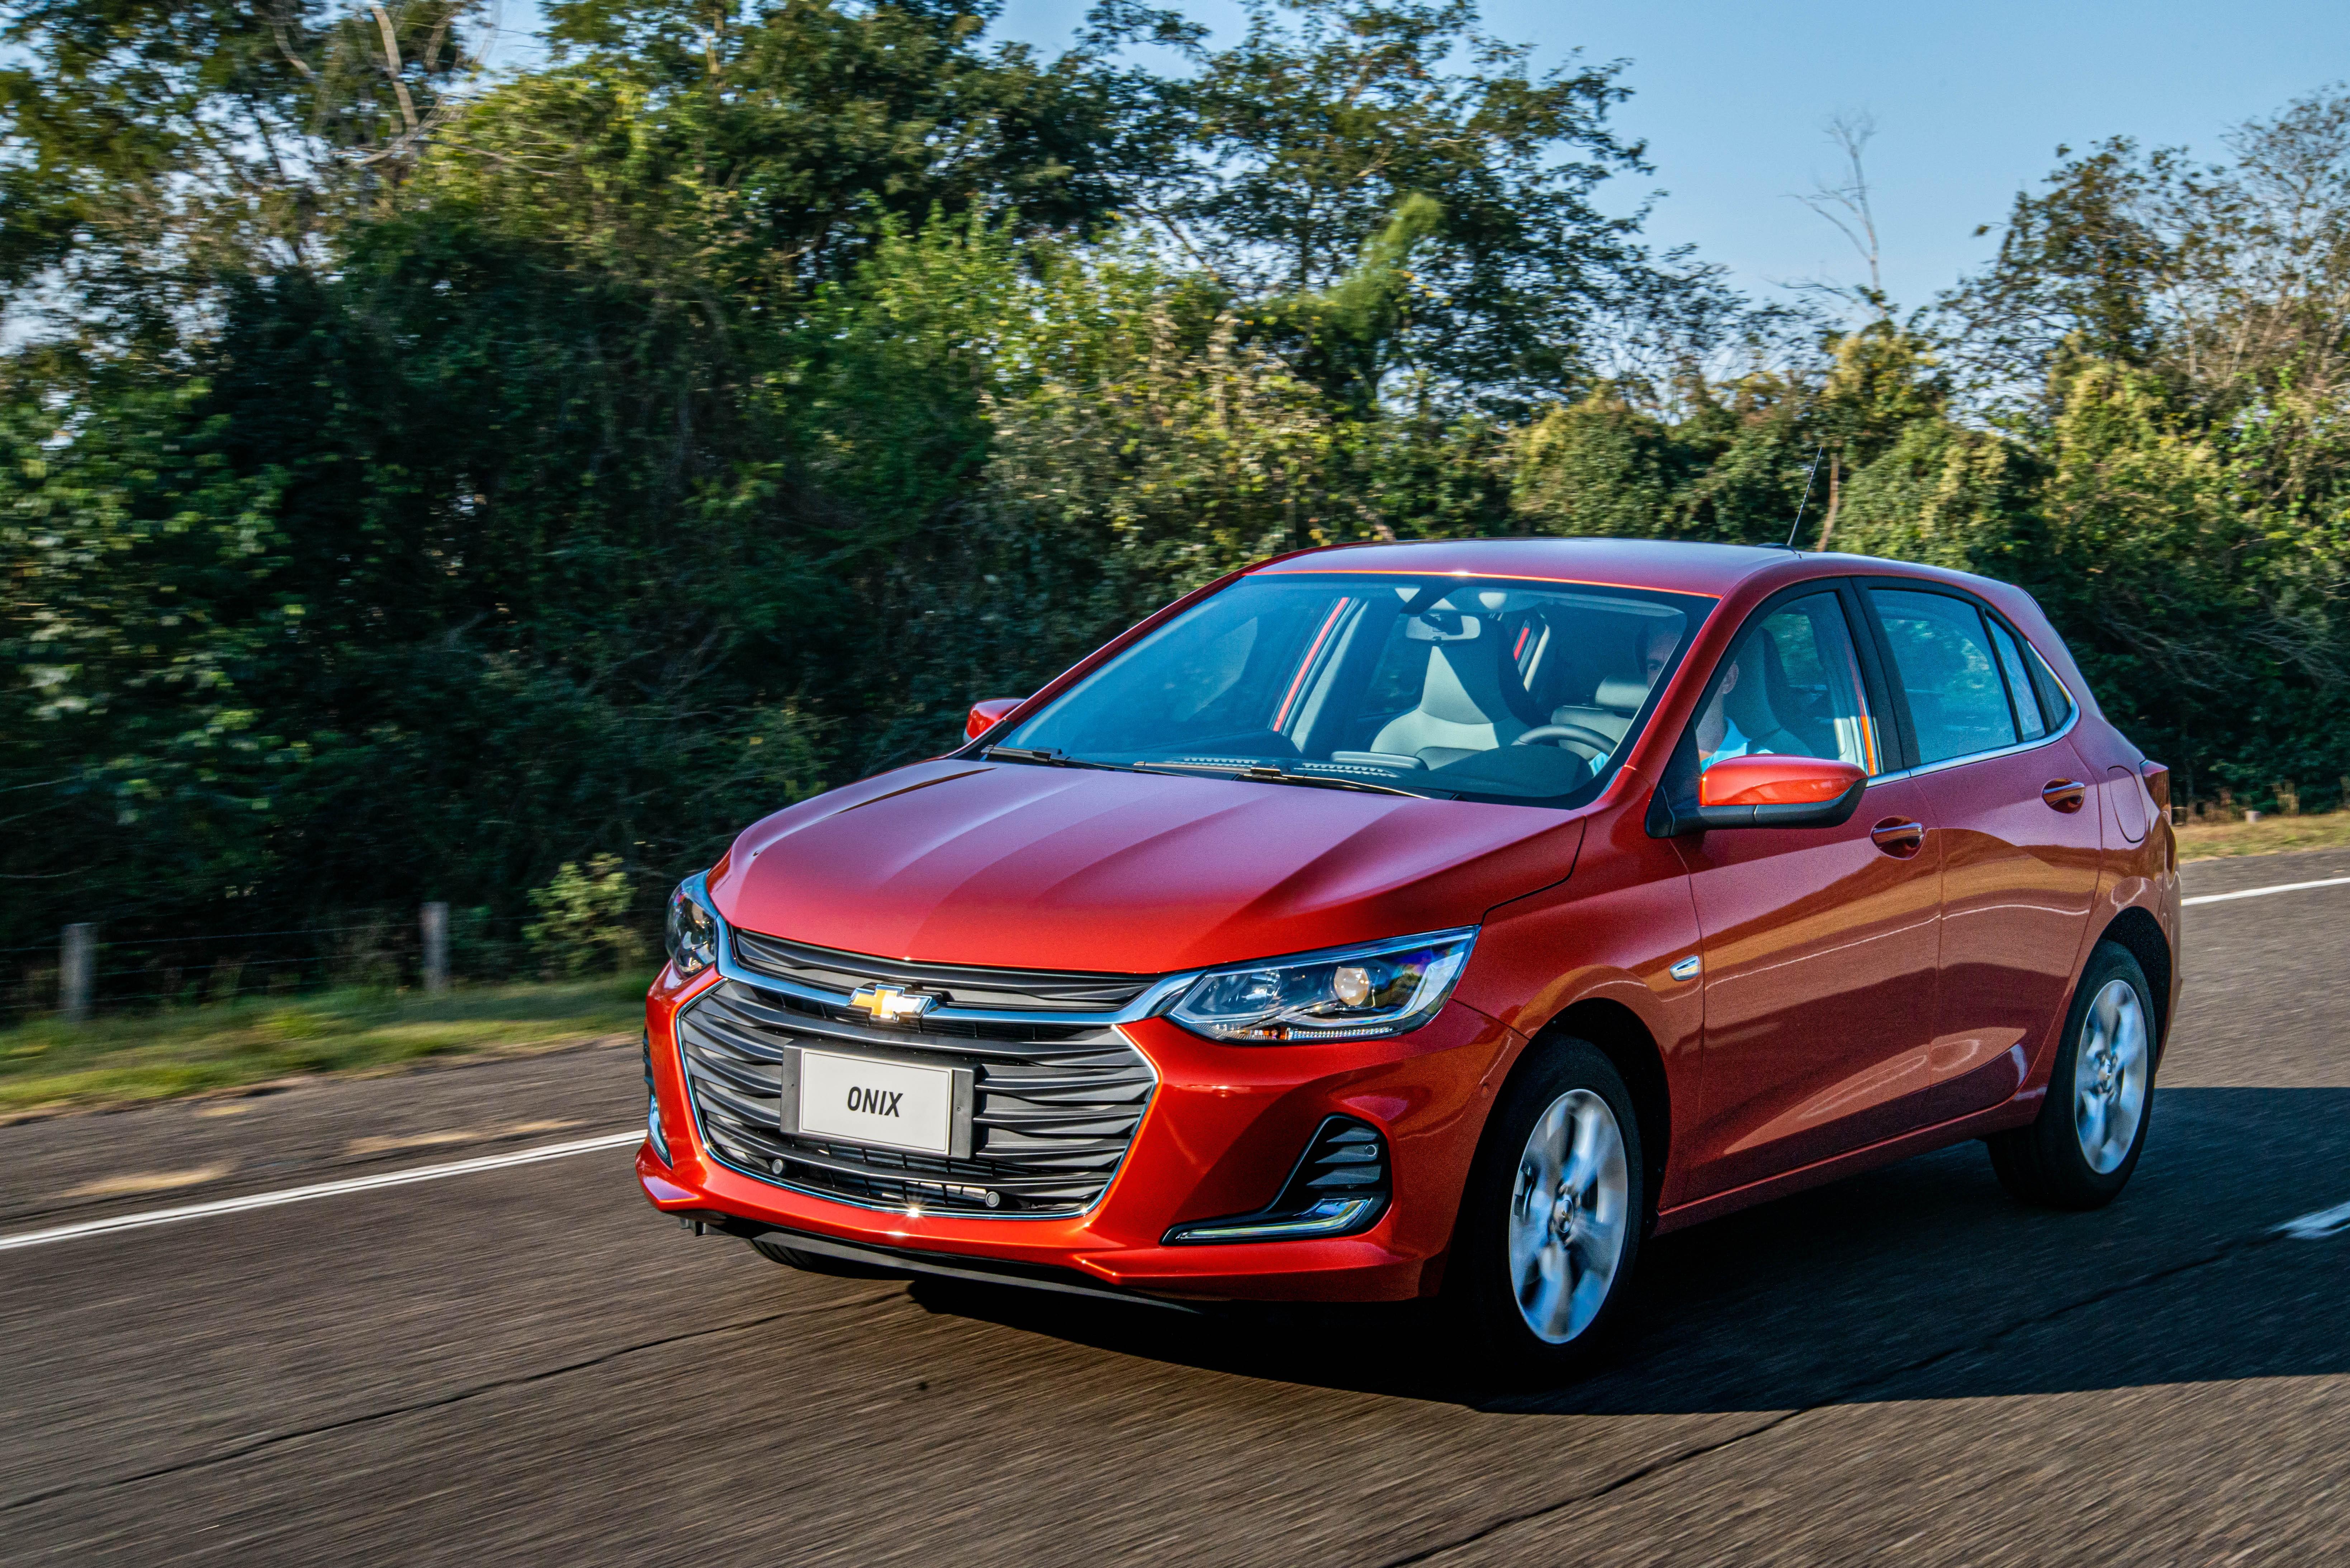 Chevrolet Onix 2020 parte de R$ 48.490; veja fotos preços e versões - Notícias - Plantão Diário